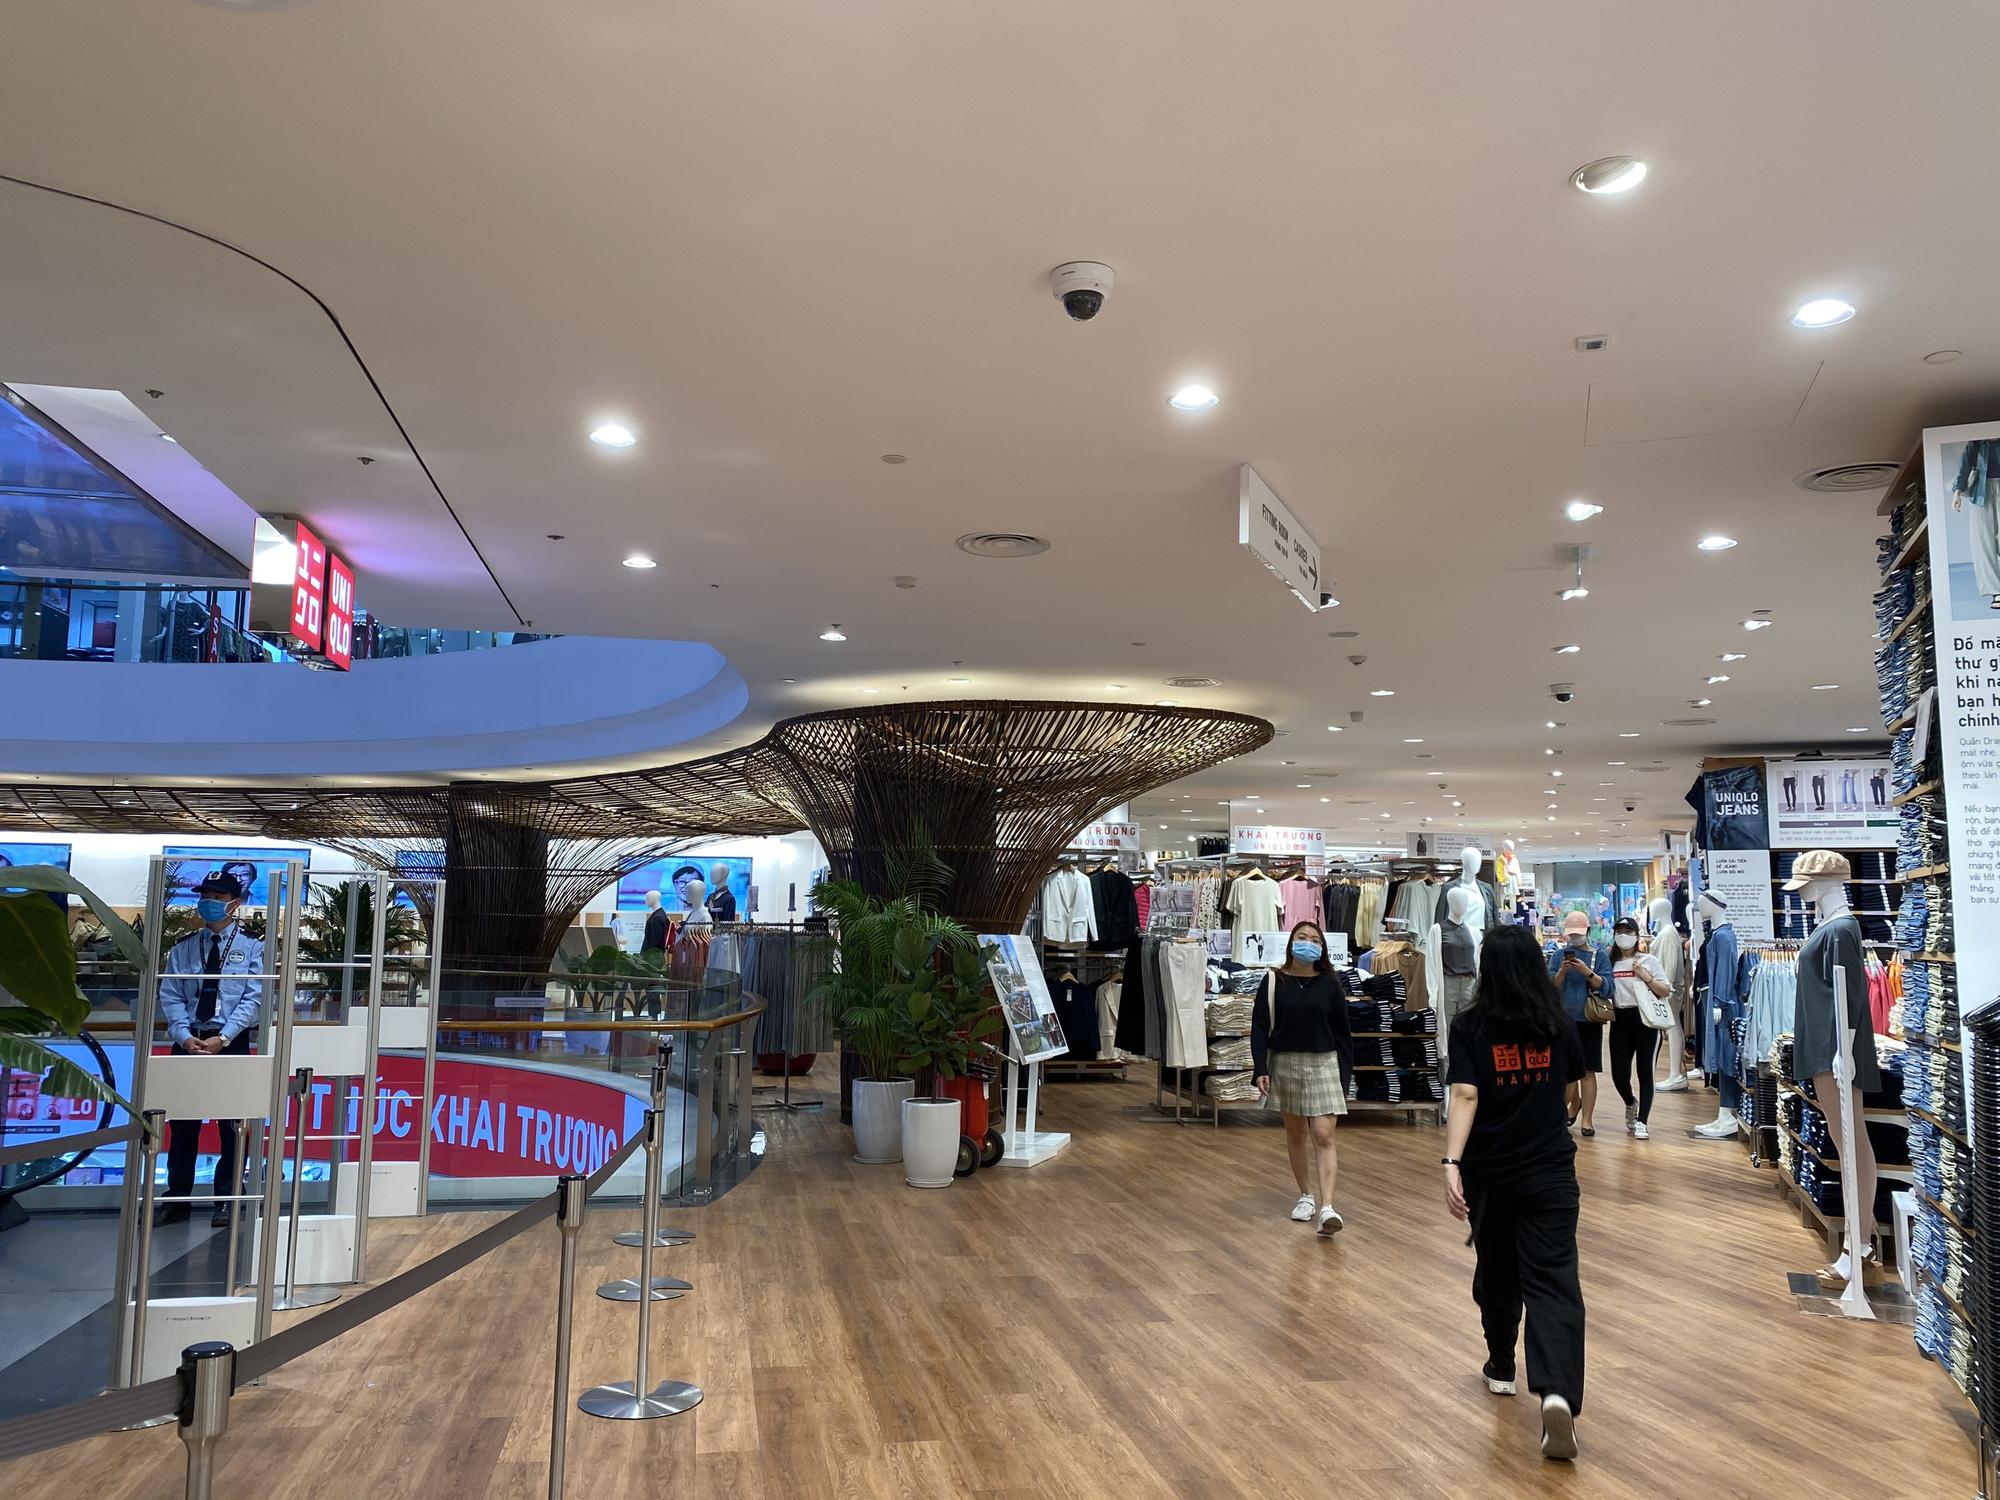 Uniqlo Hà Nội sau 1 tuần khai trương, khách hàng vẫn tới trải nghiệm mua sắm dù đang có dịch bệnh - Ảnh 9.